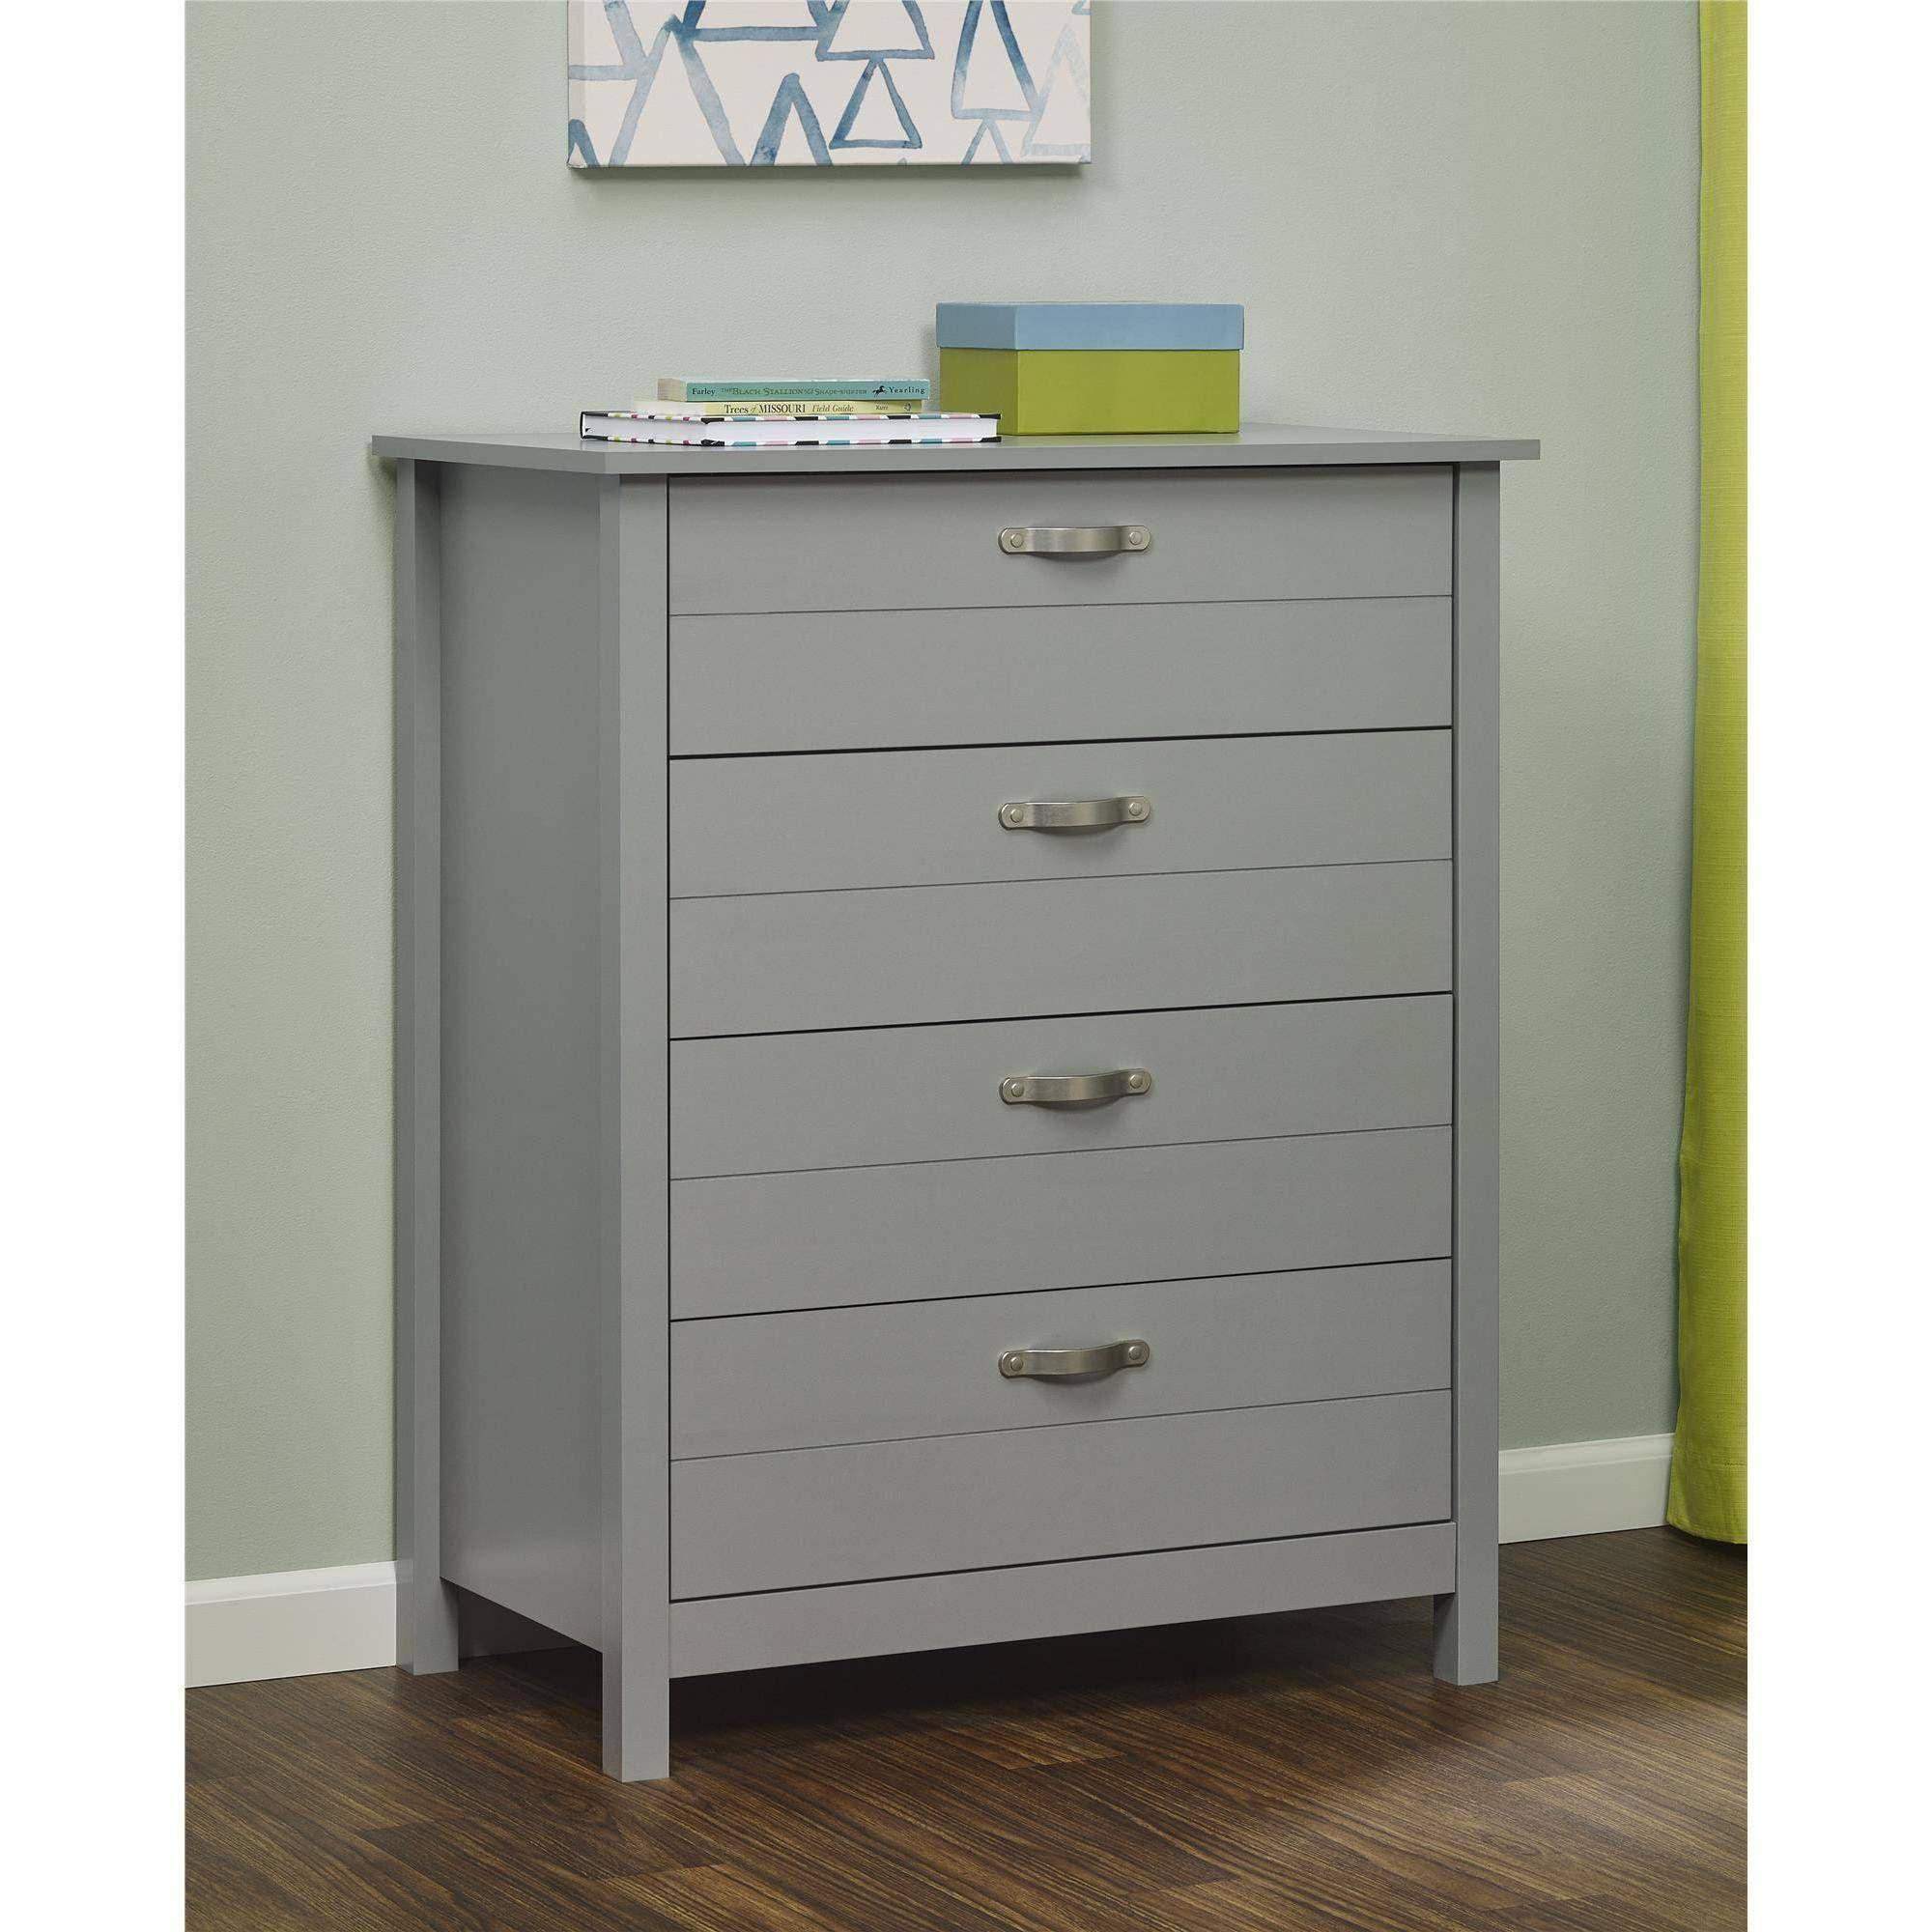 Mainstays Kyle 4 Drawer Dresser Multiple Colors Walmart Com 4 Drawer Dresser Furniture Deals Kids Dressers